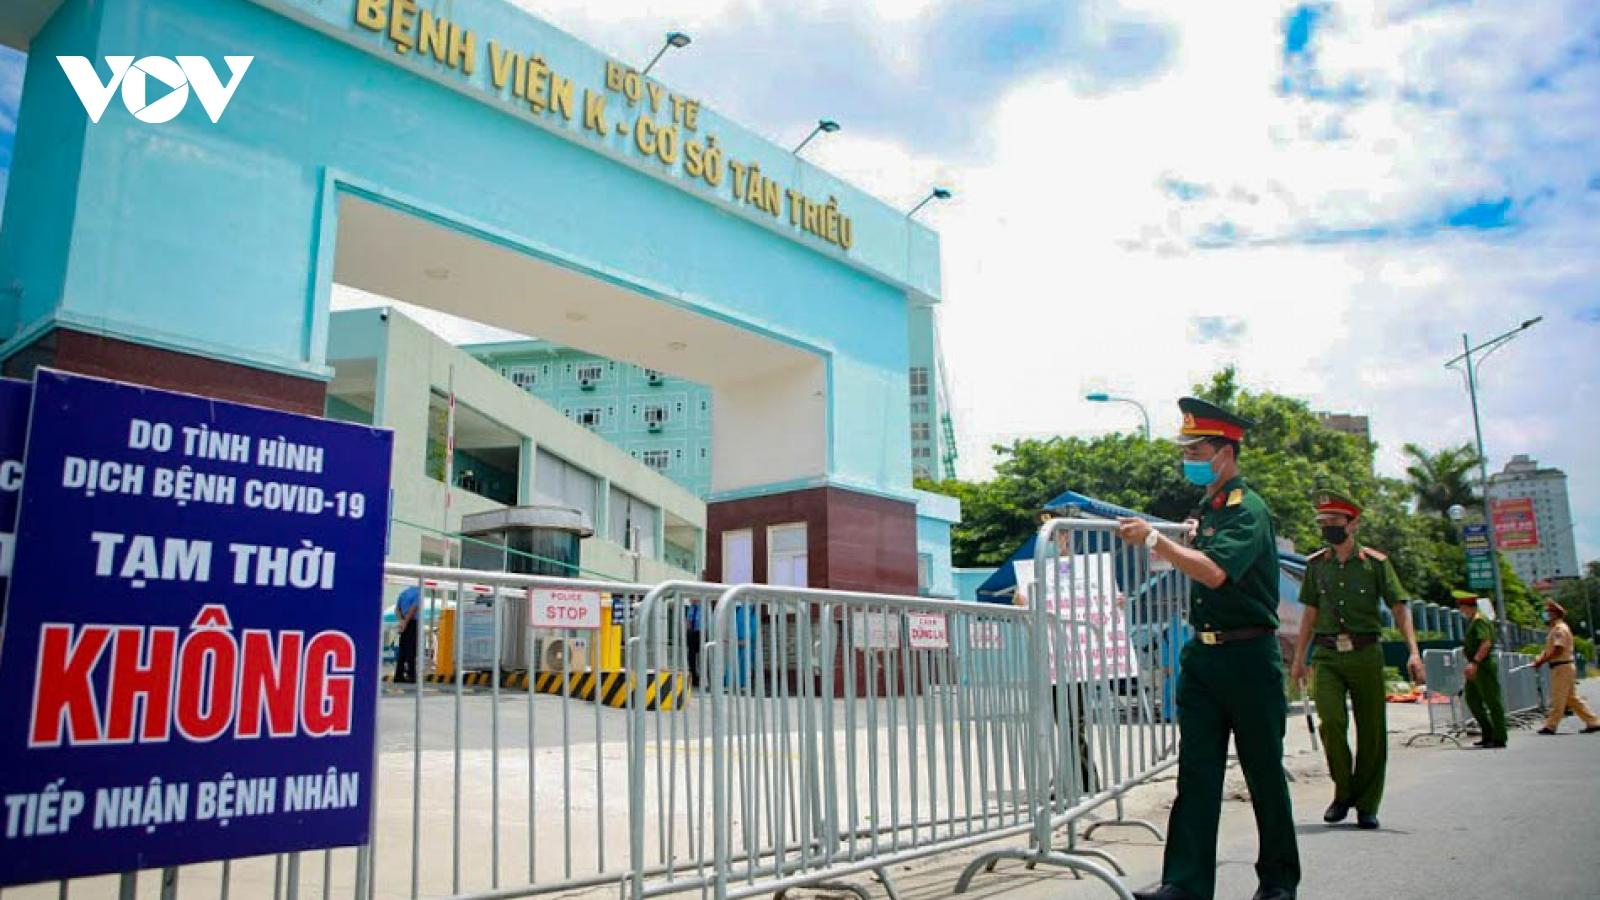 Hình ảnh dỡ bỏ phong tỏa bệnh viện K cơ sở Tân Triều